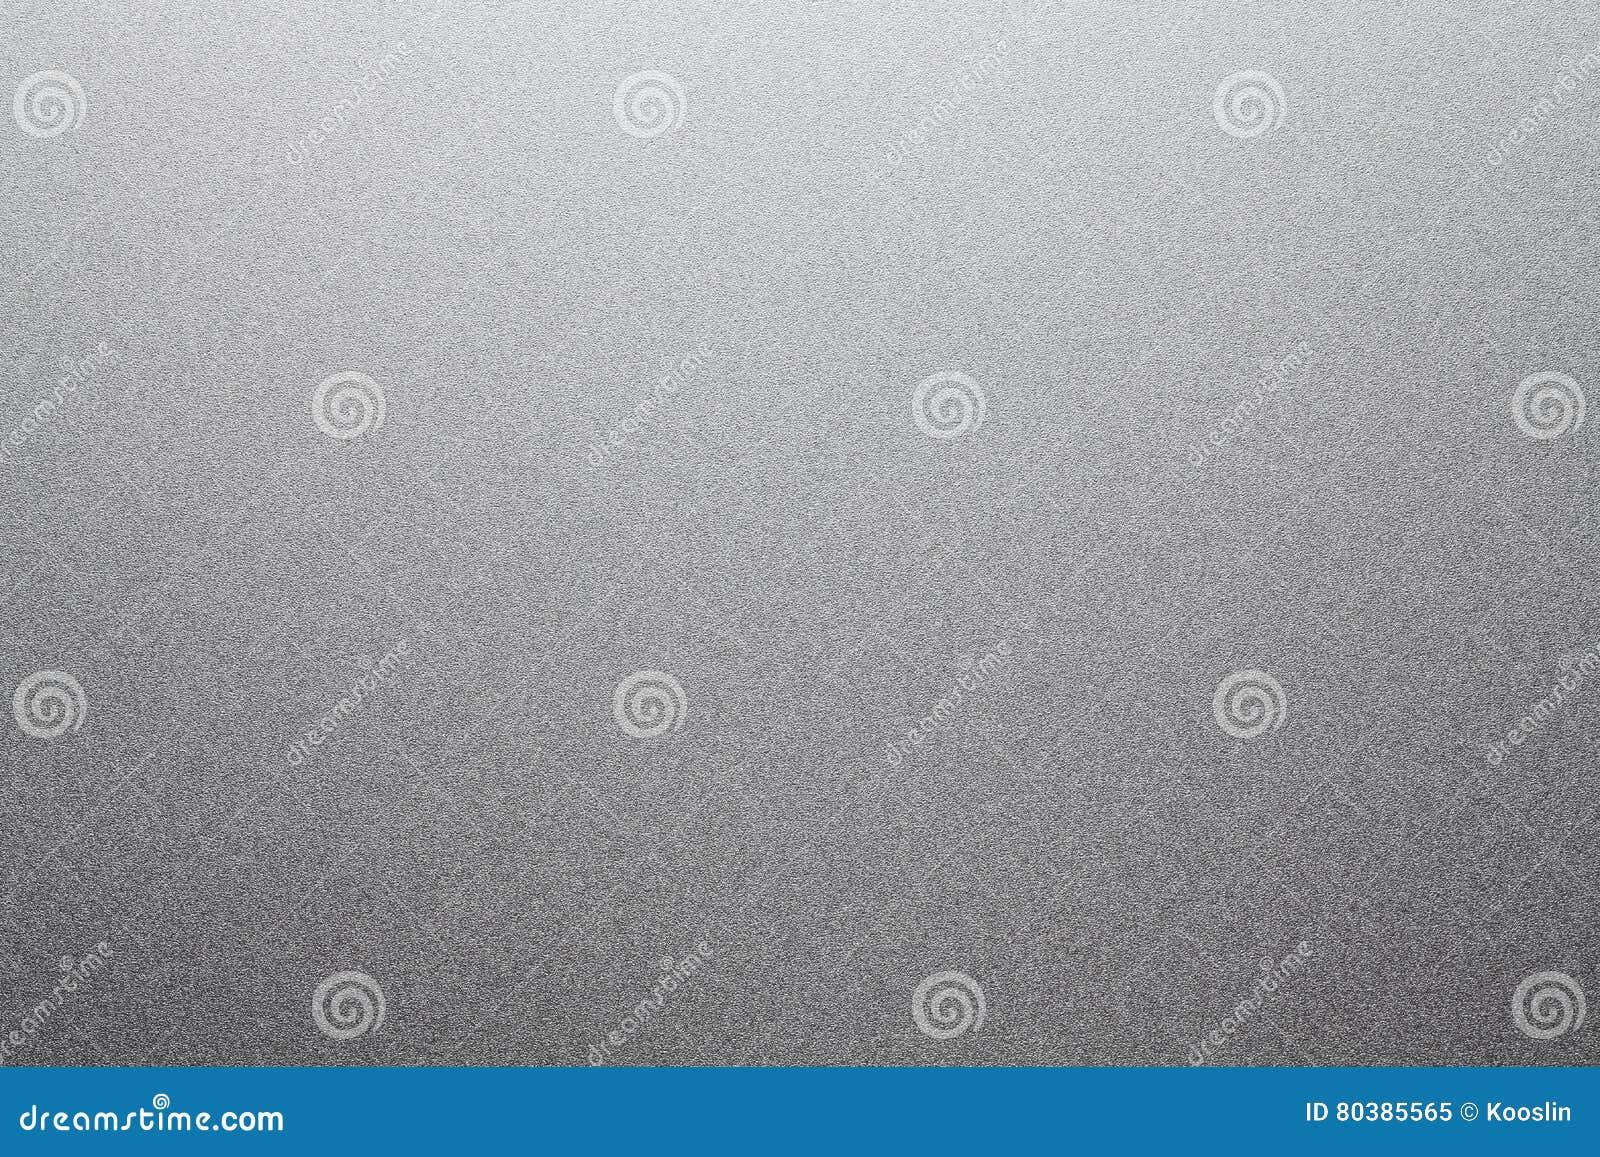 matte silver texture